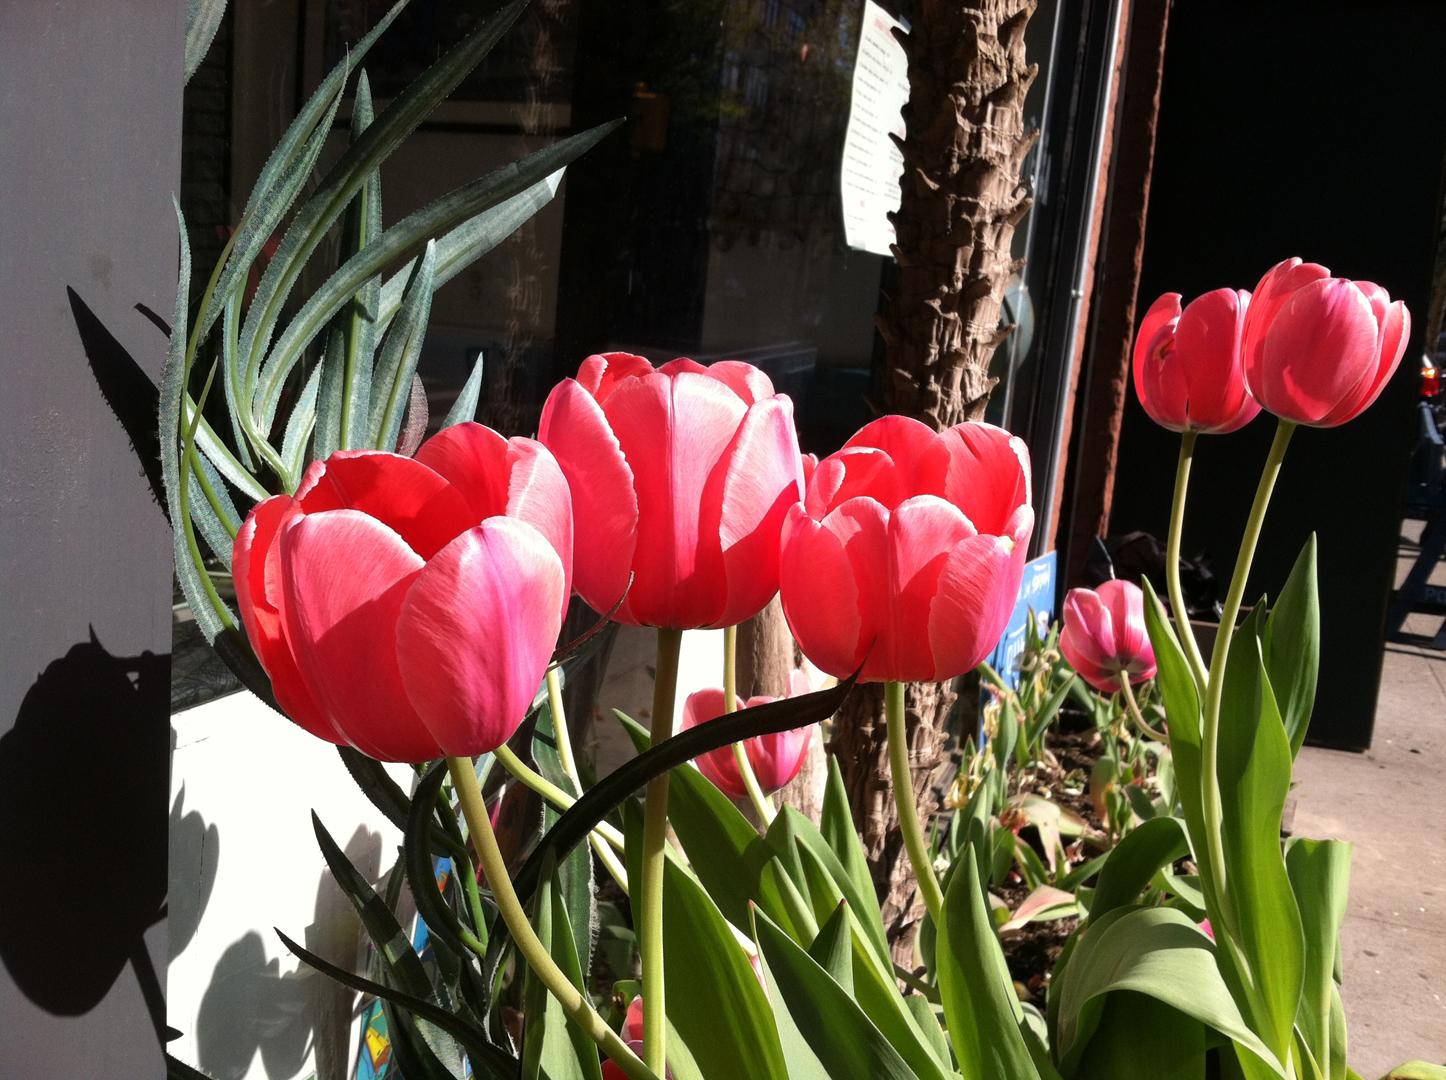 Tulips_La-Slowteria.jpg